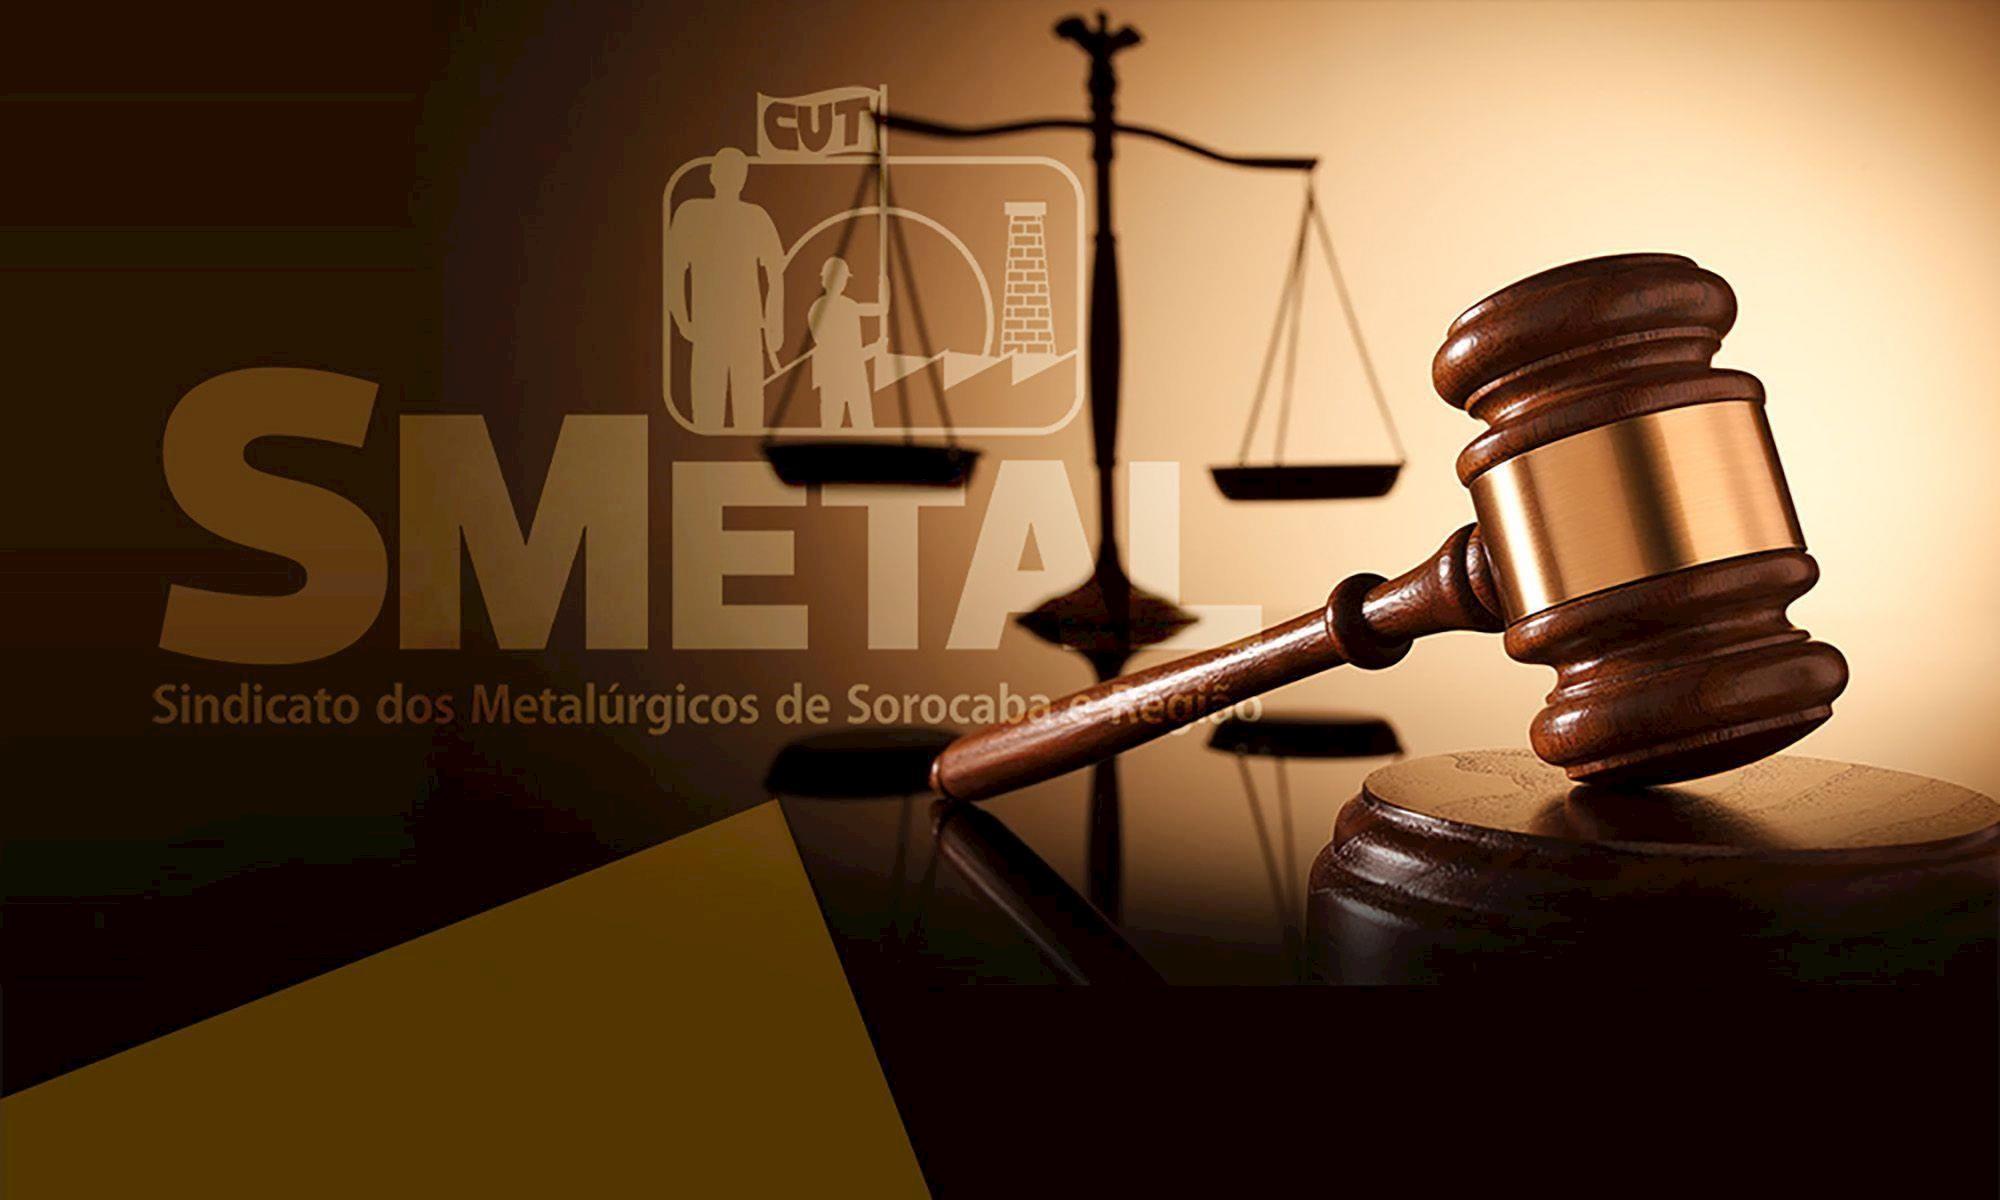 plantão, juridico, advogado, atendimento, sorocaba,, Foguinho/Arquivo Imprensa SMetal